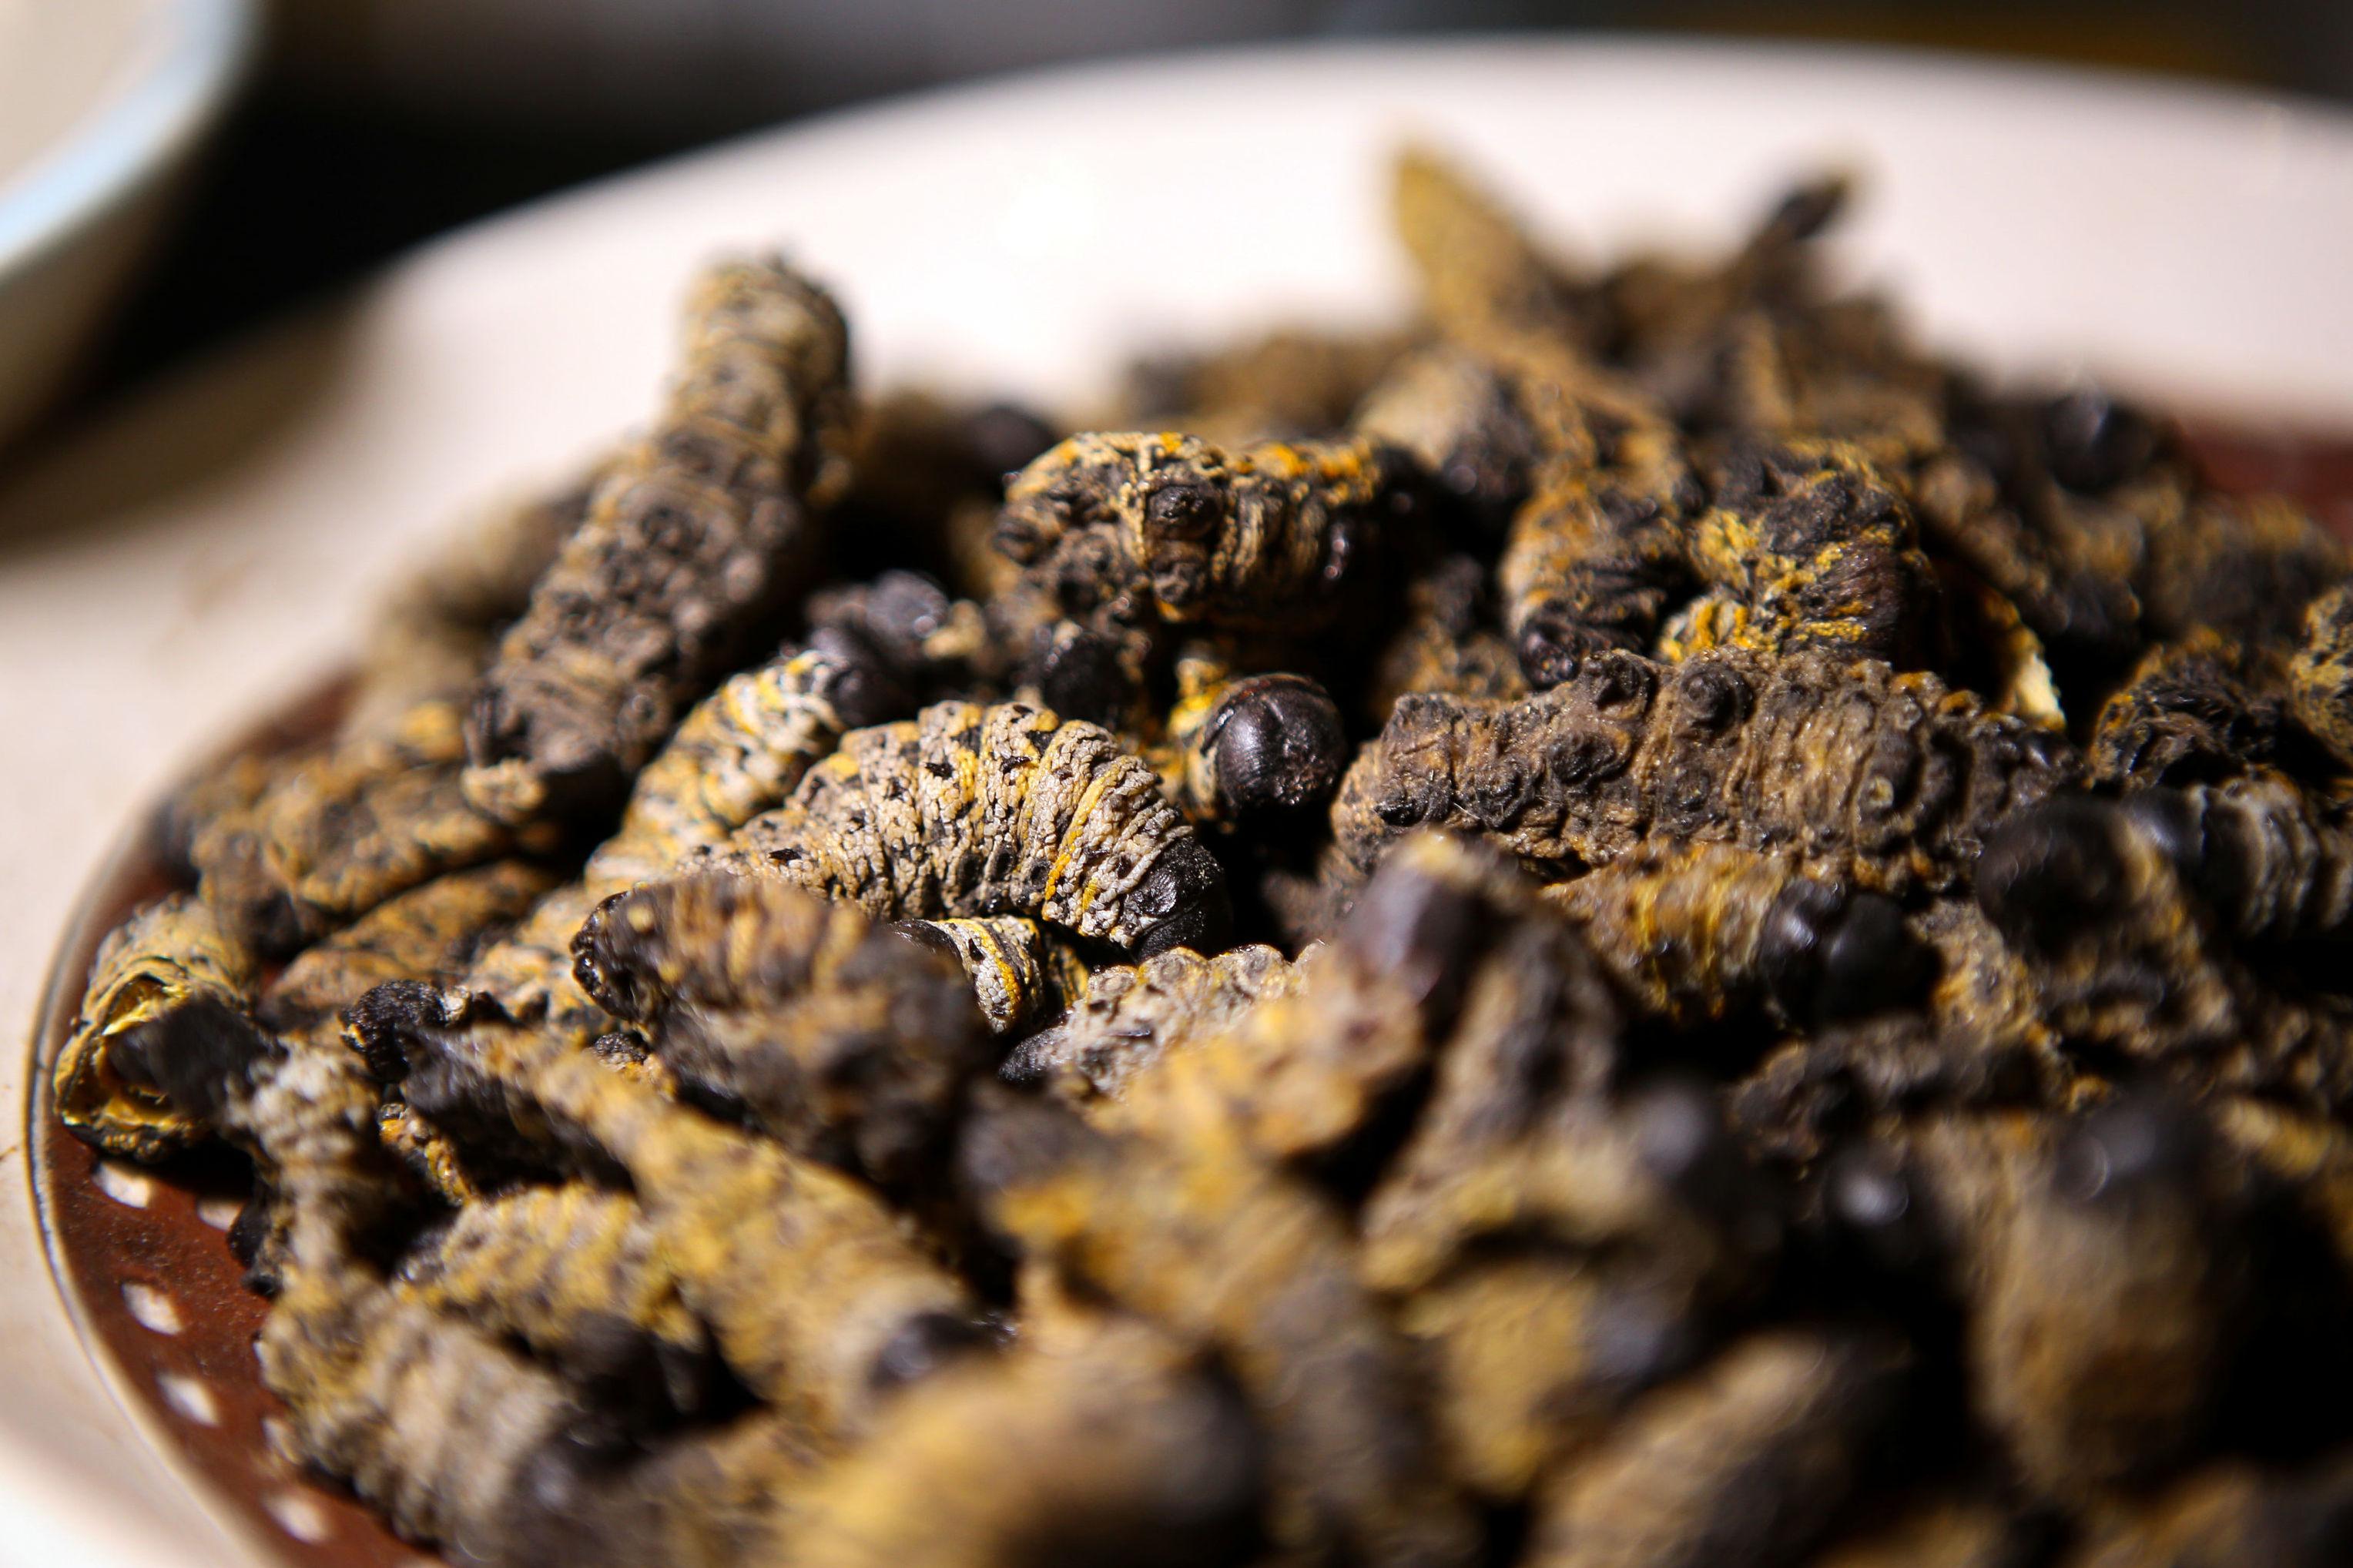 وعاء من ديدان موبان المقدمة في أول مطعم للحشرات في جنوب أفريقيا